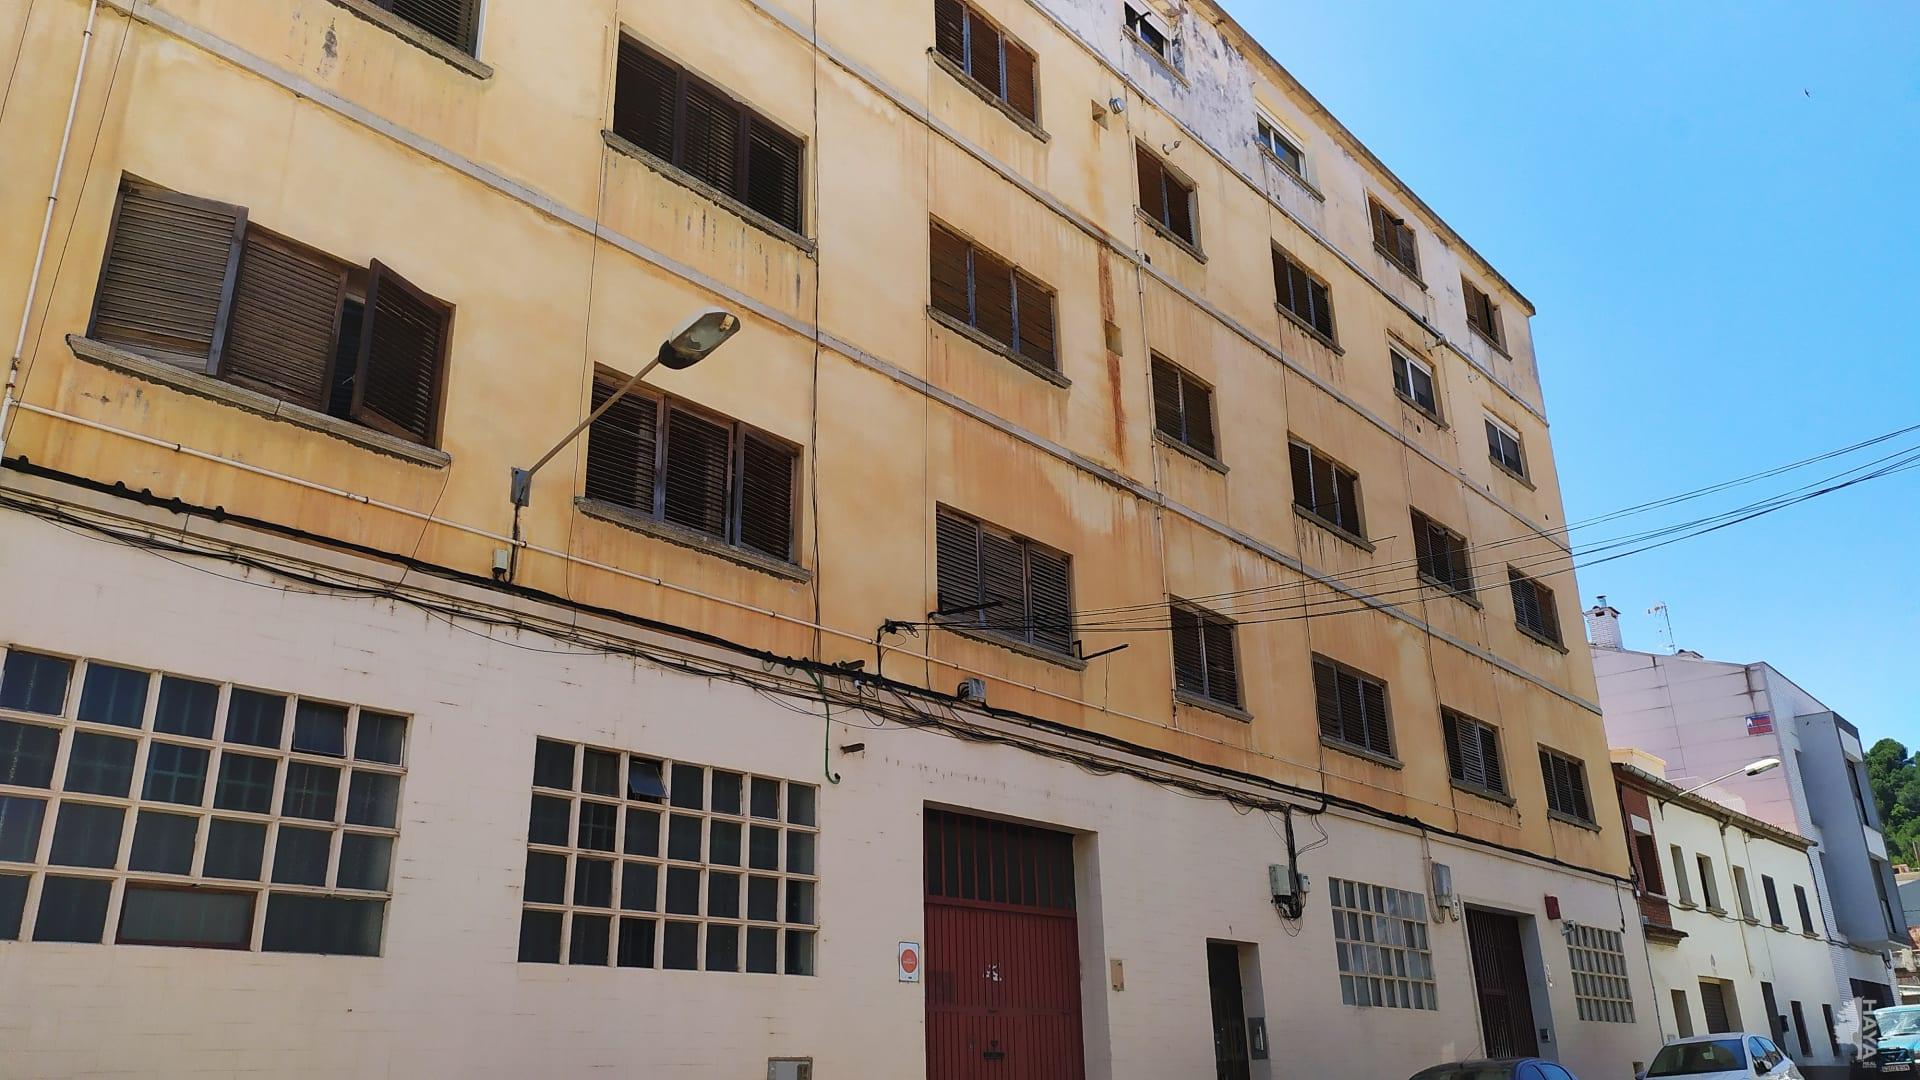 Piso en venta en Sant Joan de Vilatorrada, Barcelona, Calle Montseny, 36.400 €, 3 habitaciones, 59 m2